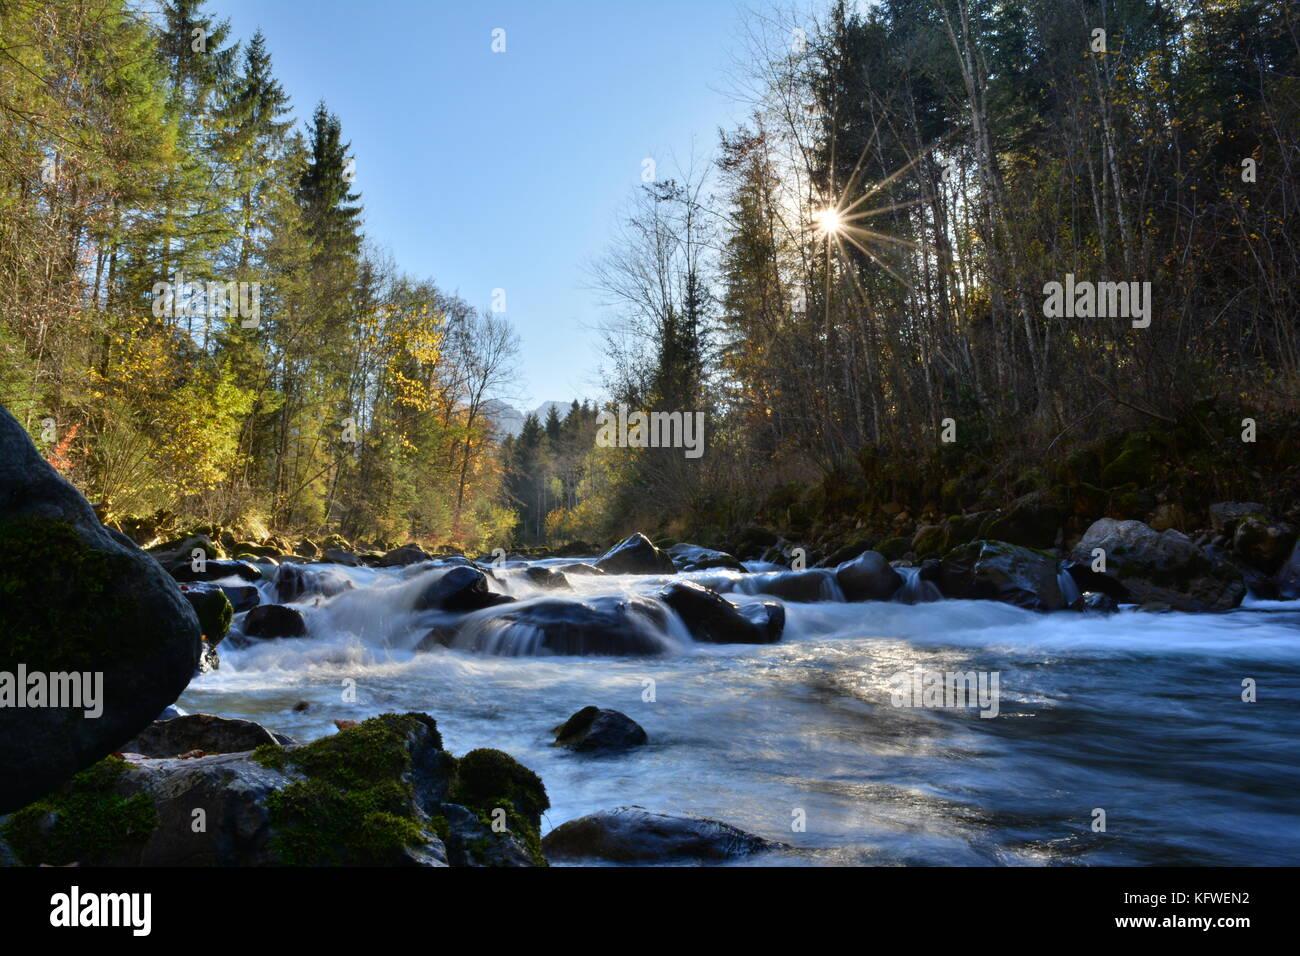 Rivière nommée la Vièze se déversant dans une vallée ensoleillée des Alpes Suisses - Stock Image